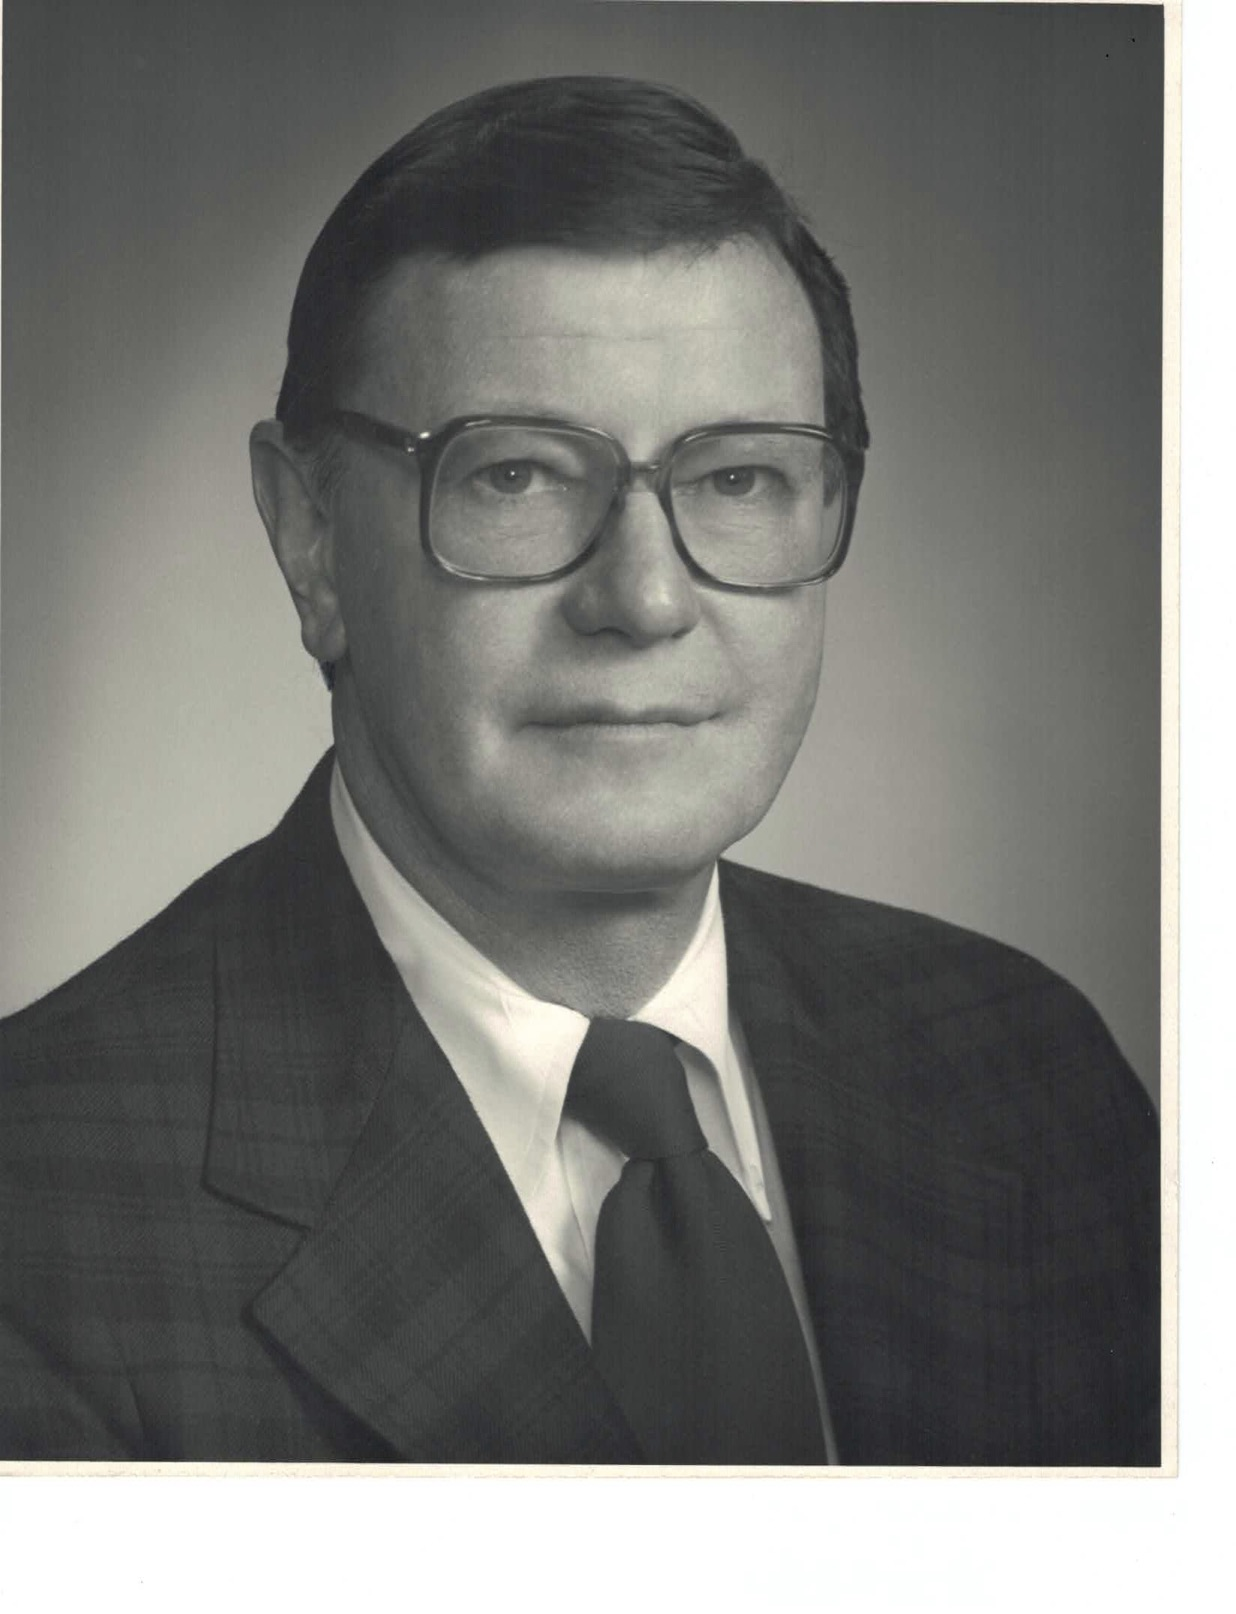 SCOTT H. CASSILL 1982-83